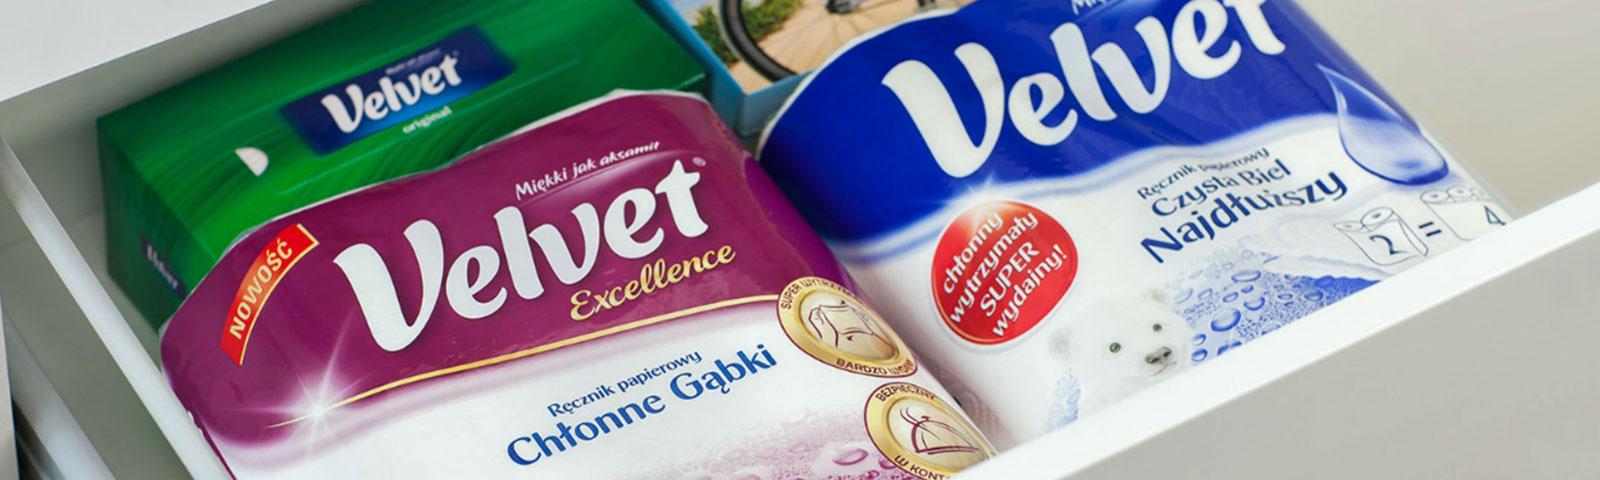 Superbrands 2015/2016 dla marki Velvet